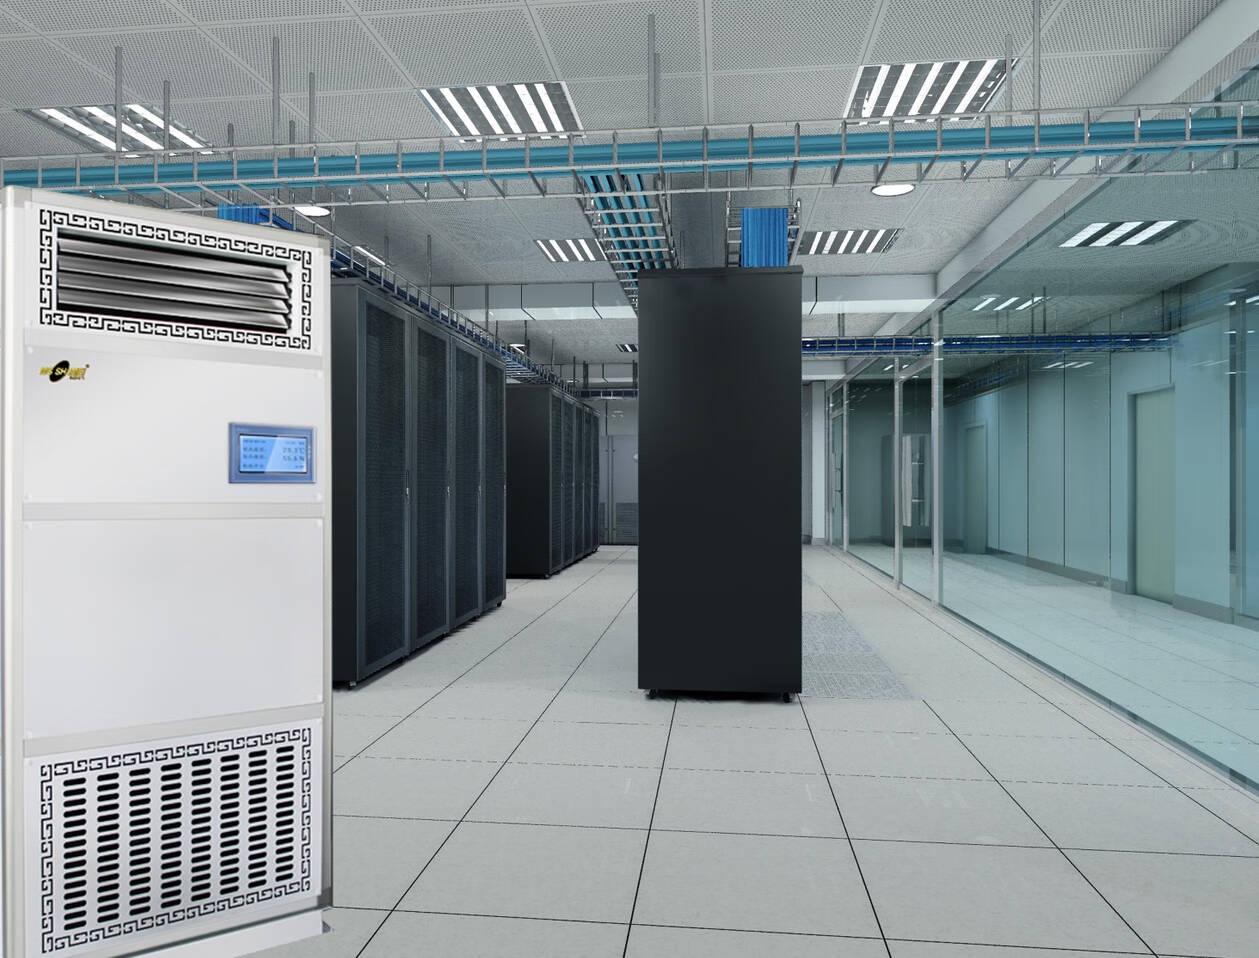 湿美(MSSHIMEI)恒温恒湿实验室精密空调机房专用恒温恒湿空调机设备机房空调HMS-03B